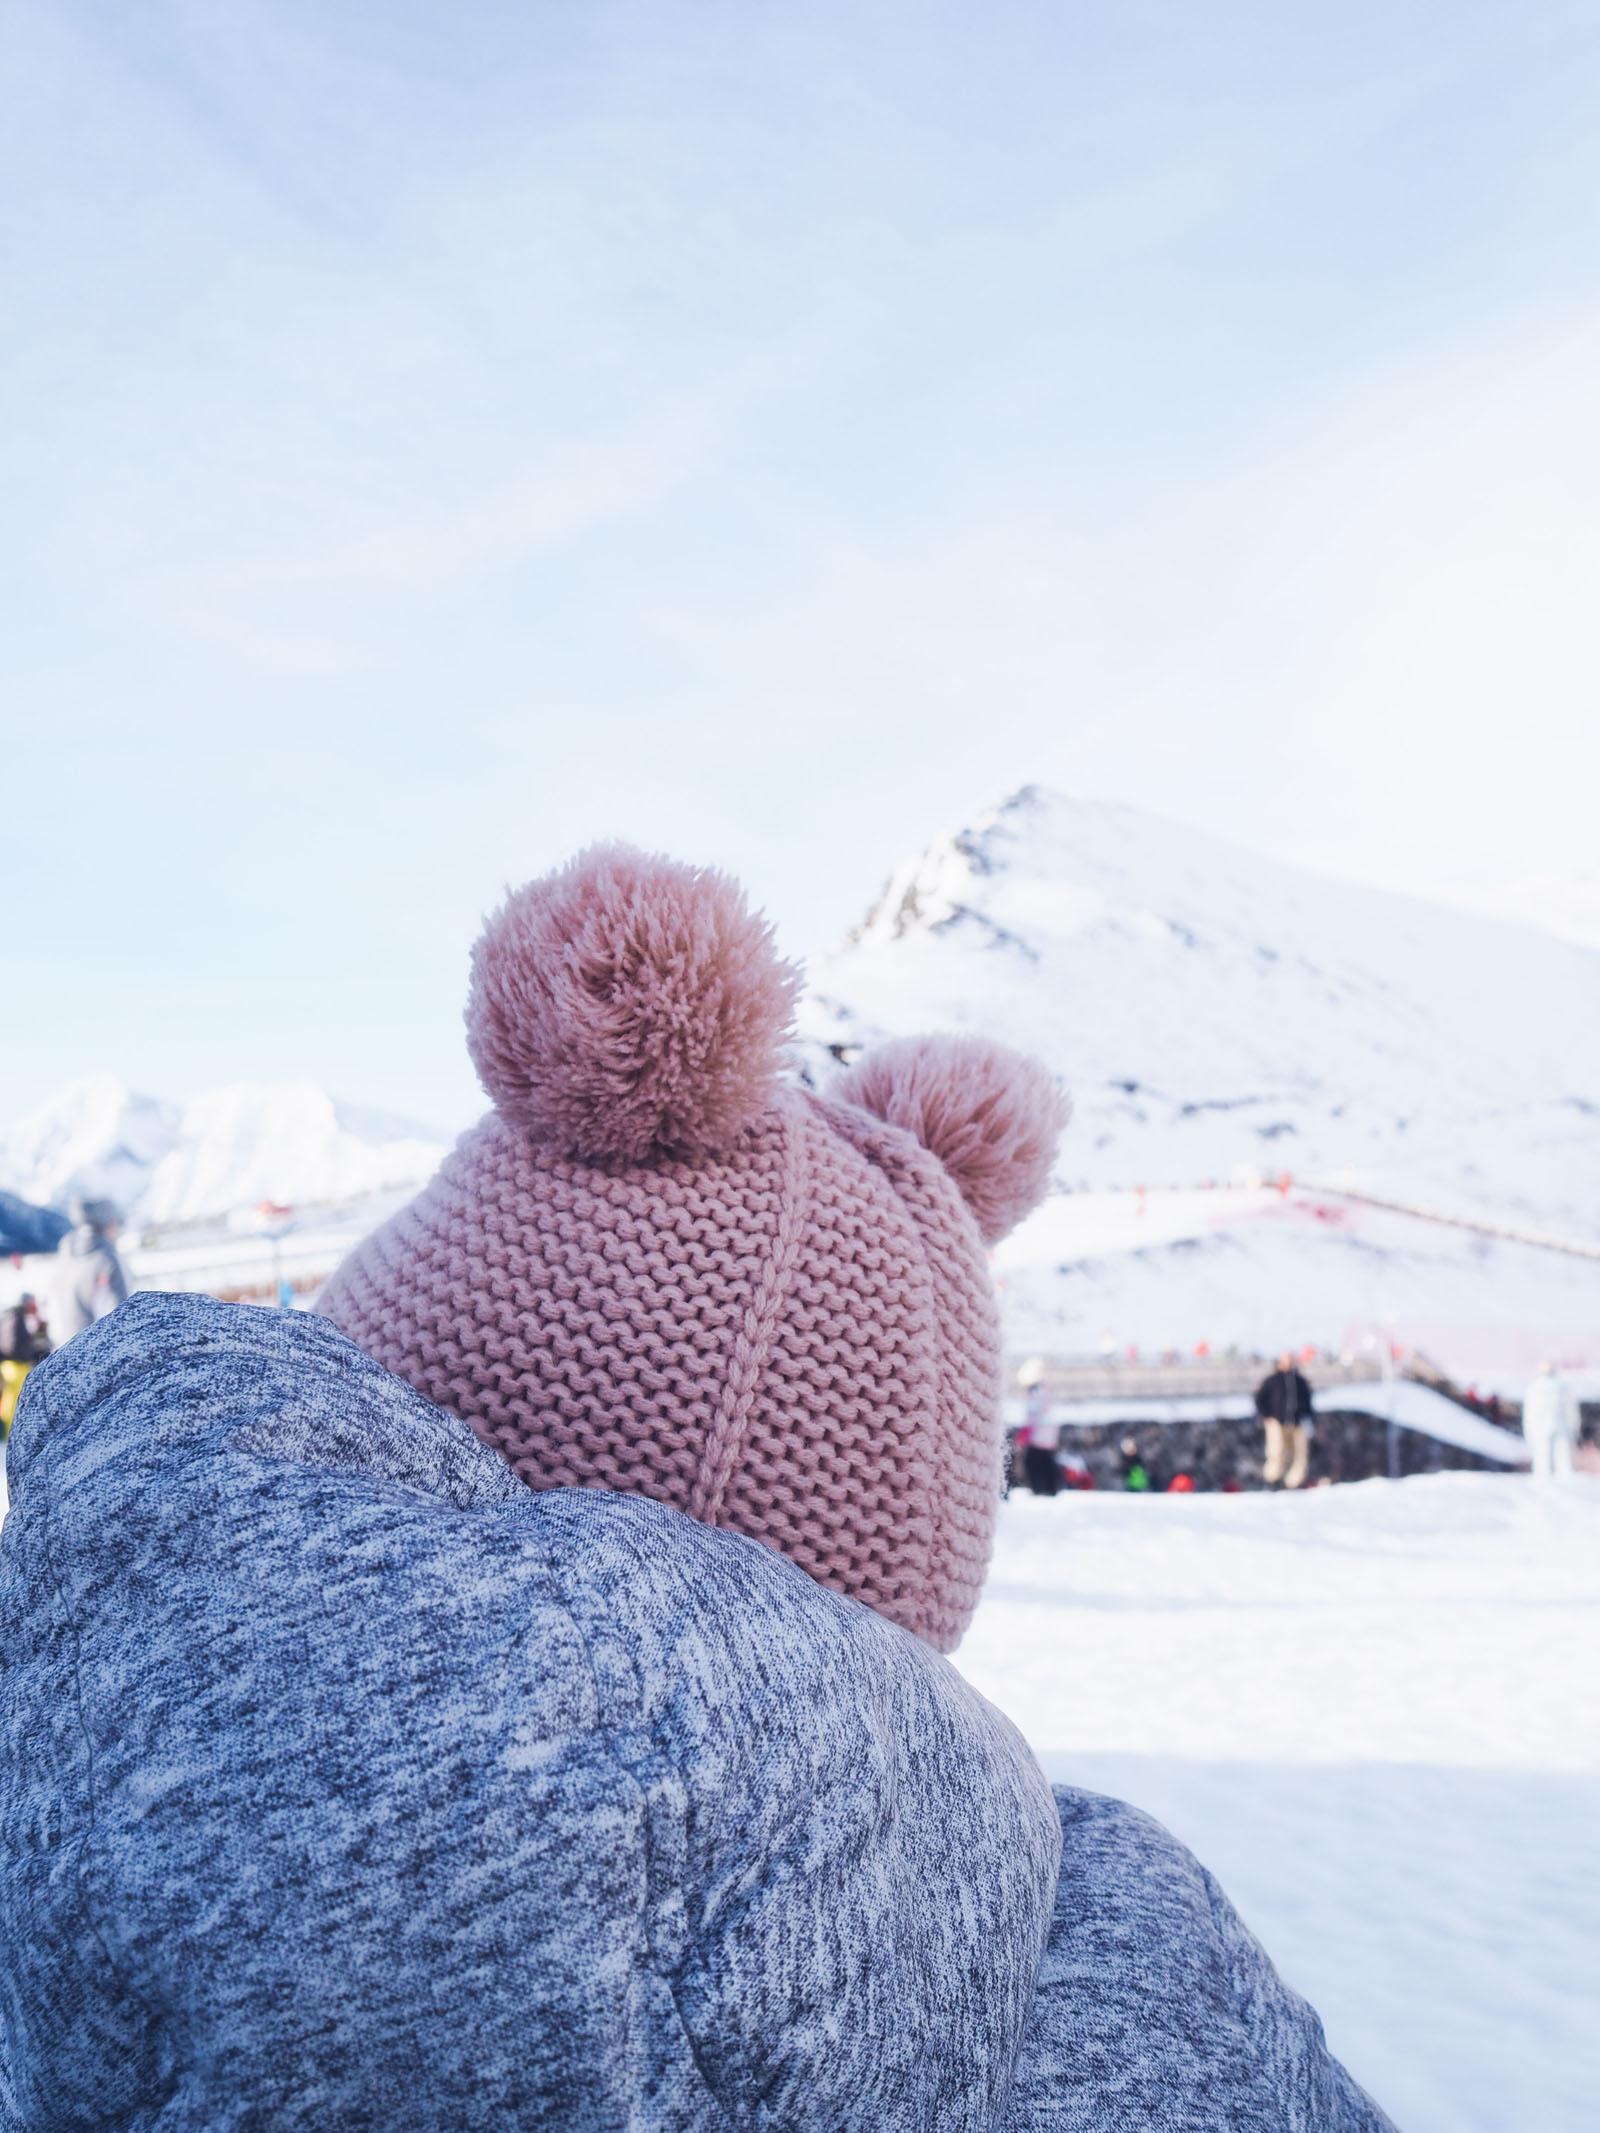 Vacances au ski en famille Hautes Pyrenees bonnes adresses hotel station l La Fiancee du Panda blog mariage et lifestyle-1038301